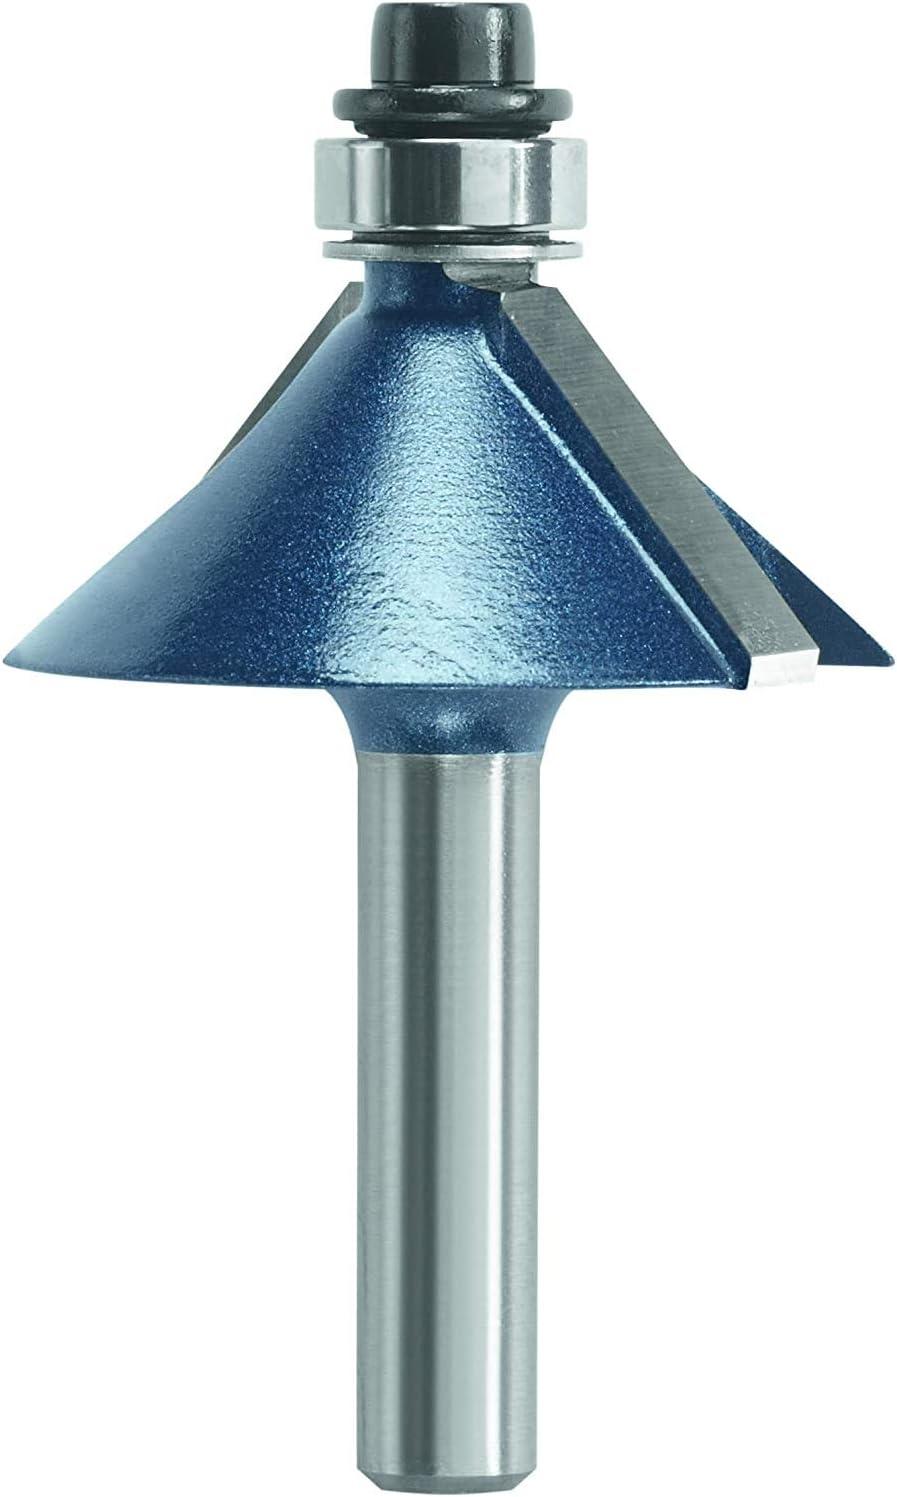 Bosch Carbide-Riff Disque abrasif de doigt dépendre 32 rt10 50 x 32 mm